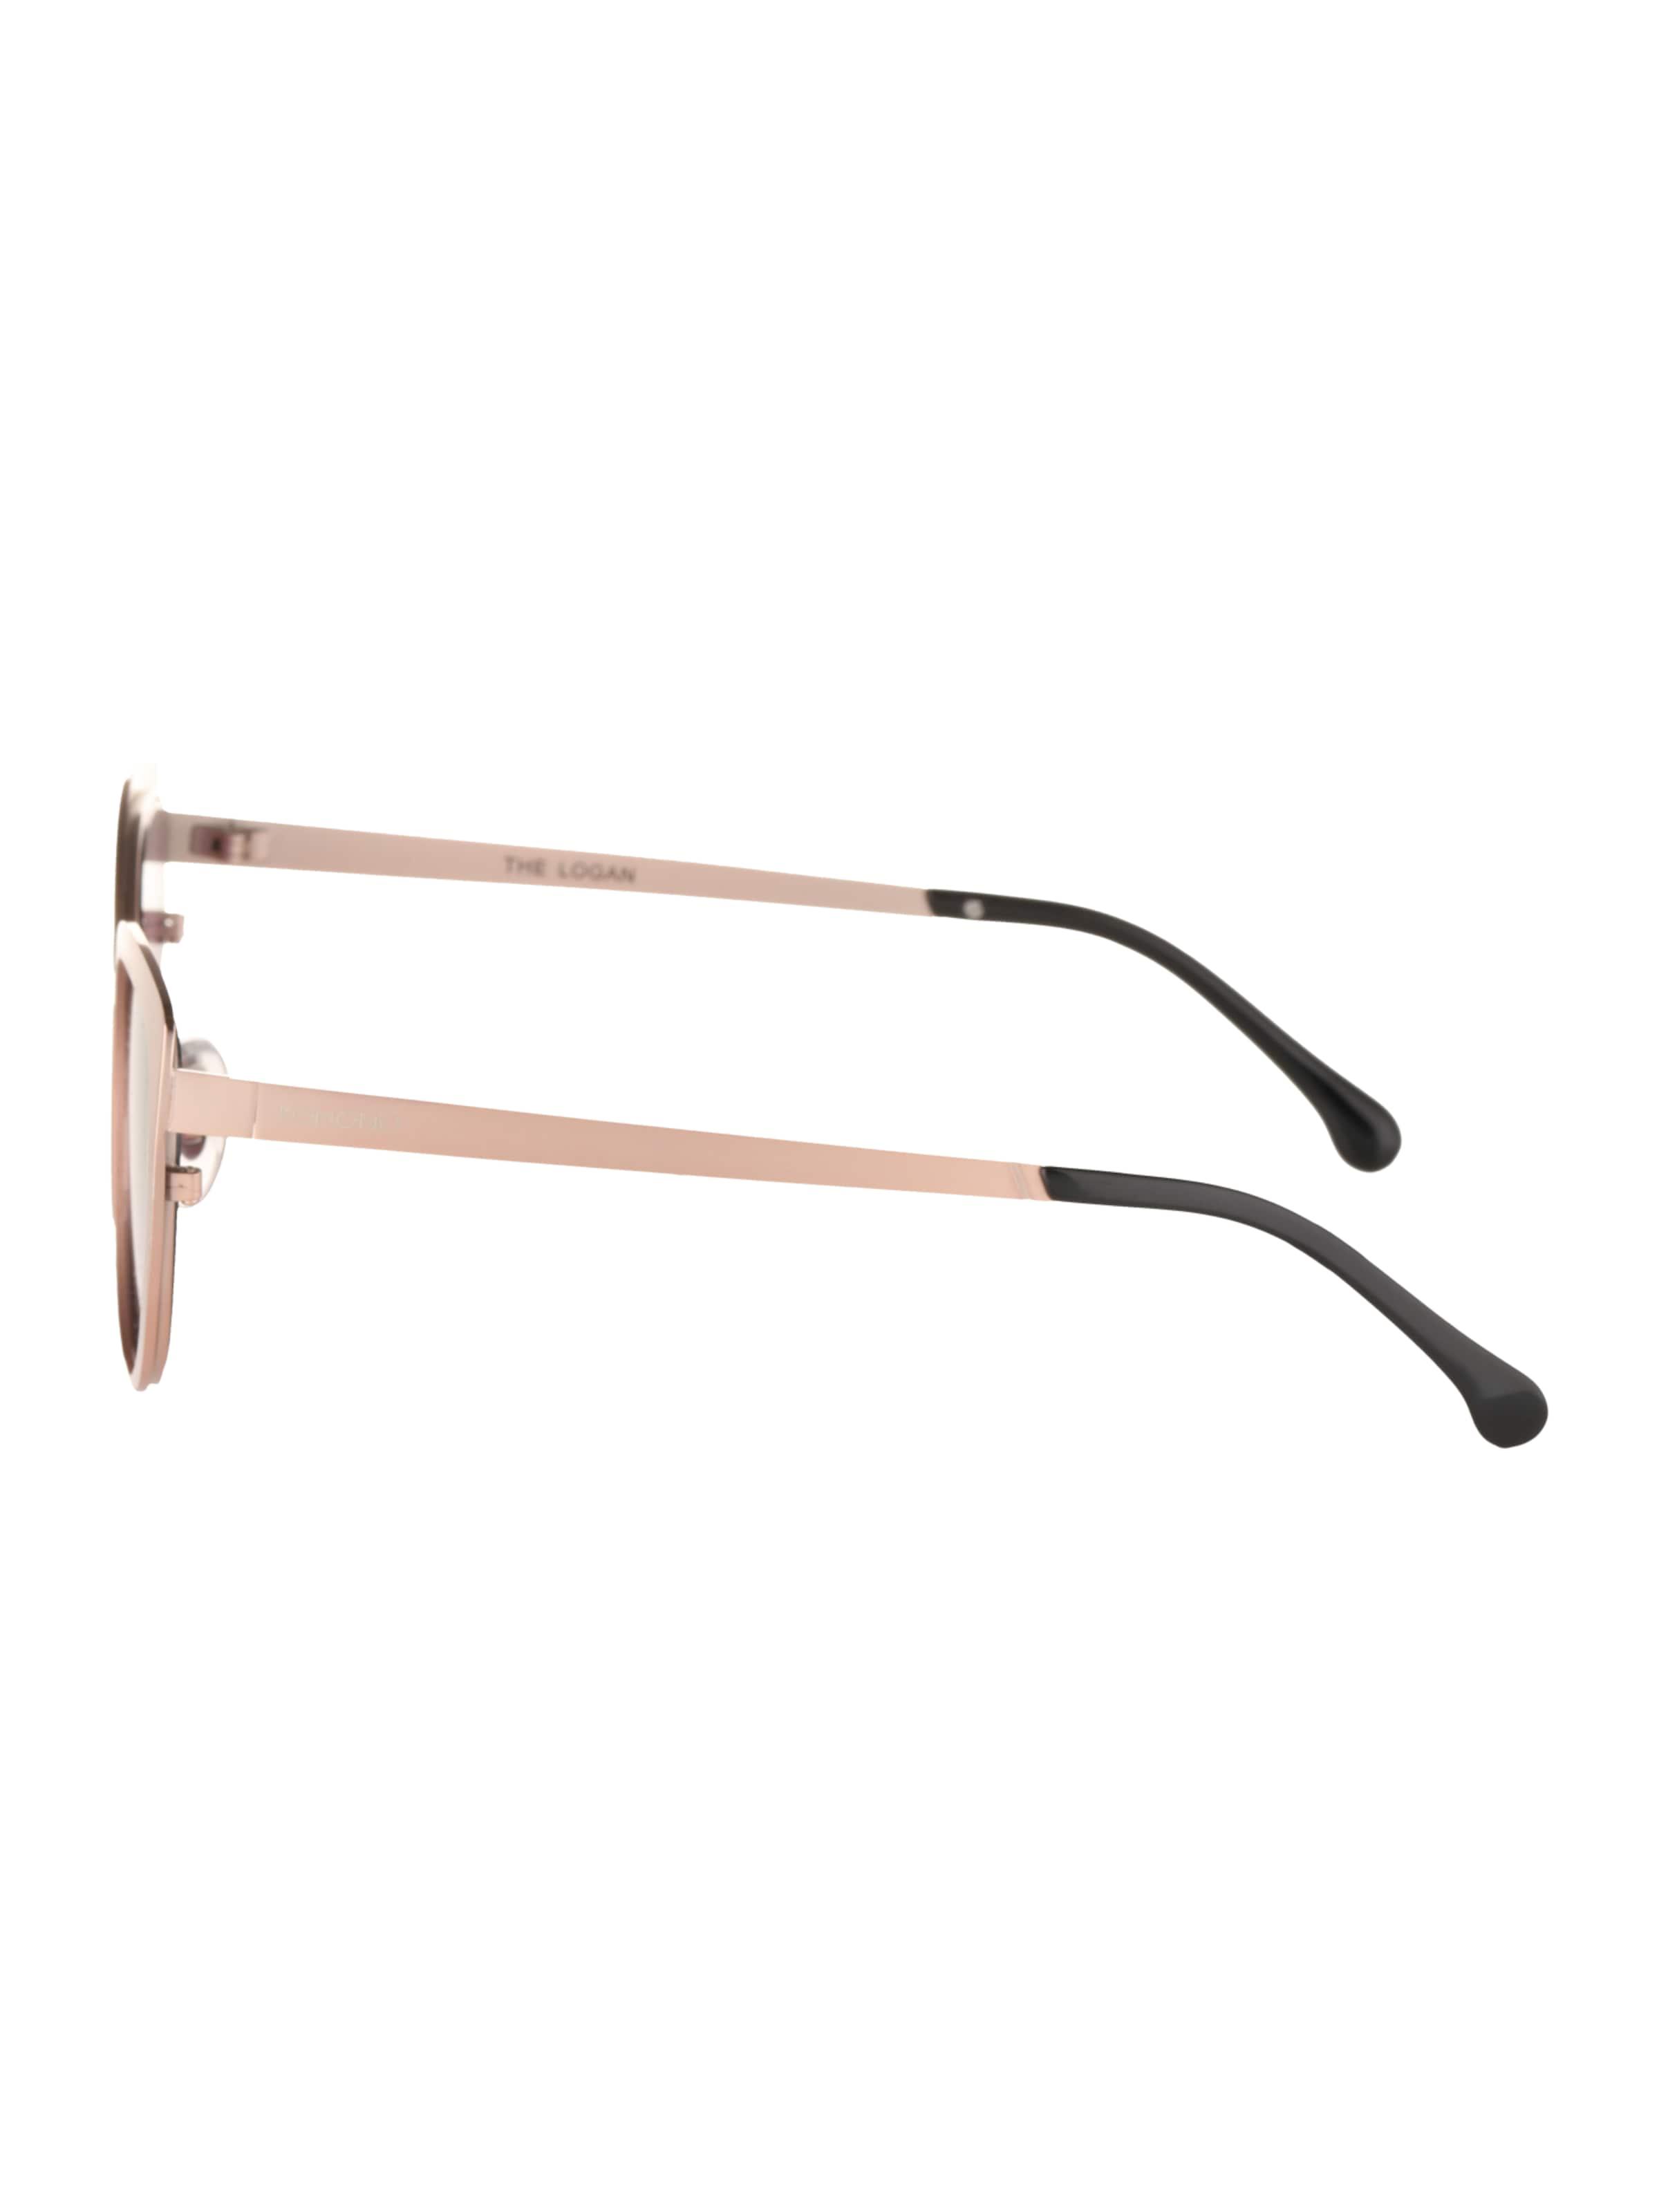 Empfehlen Online Komono Sonnenbrille 'LOGAN' Billigsten Günstig Online Spielraum Nicekicks Y7Igb0V